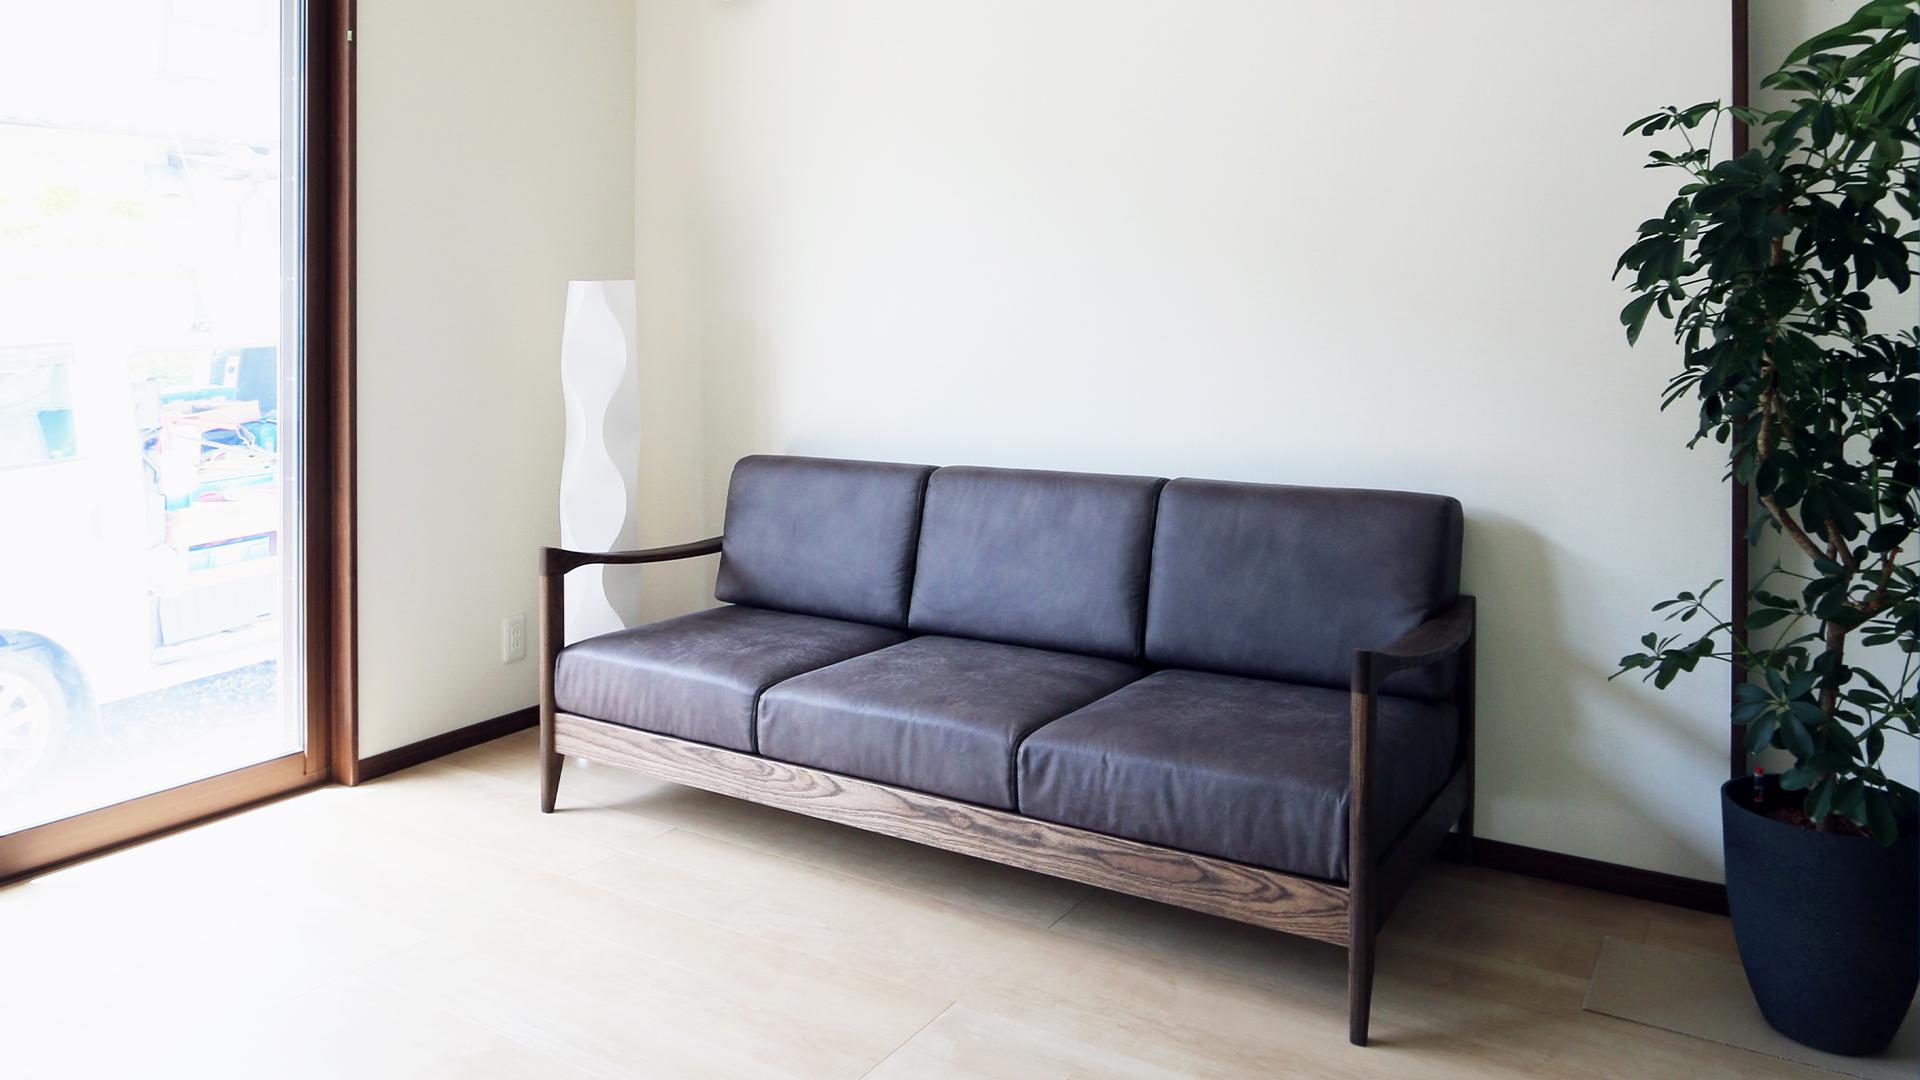 湖西市の建築会社。柴田建築企画が手掛ける平屋のお家。スタイリッシュな木肘が特徴のソファ。